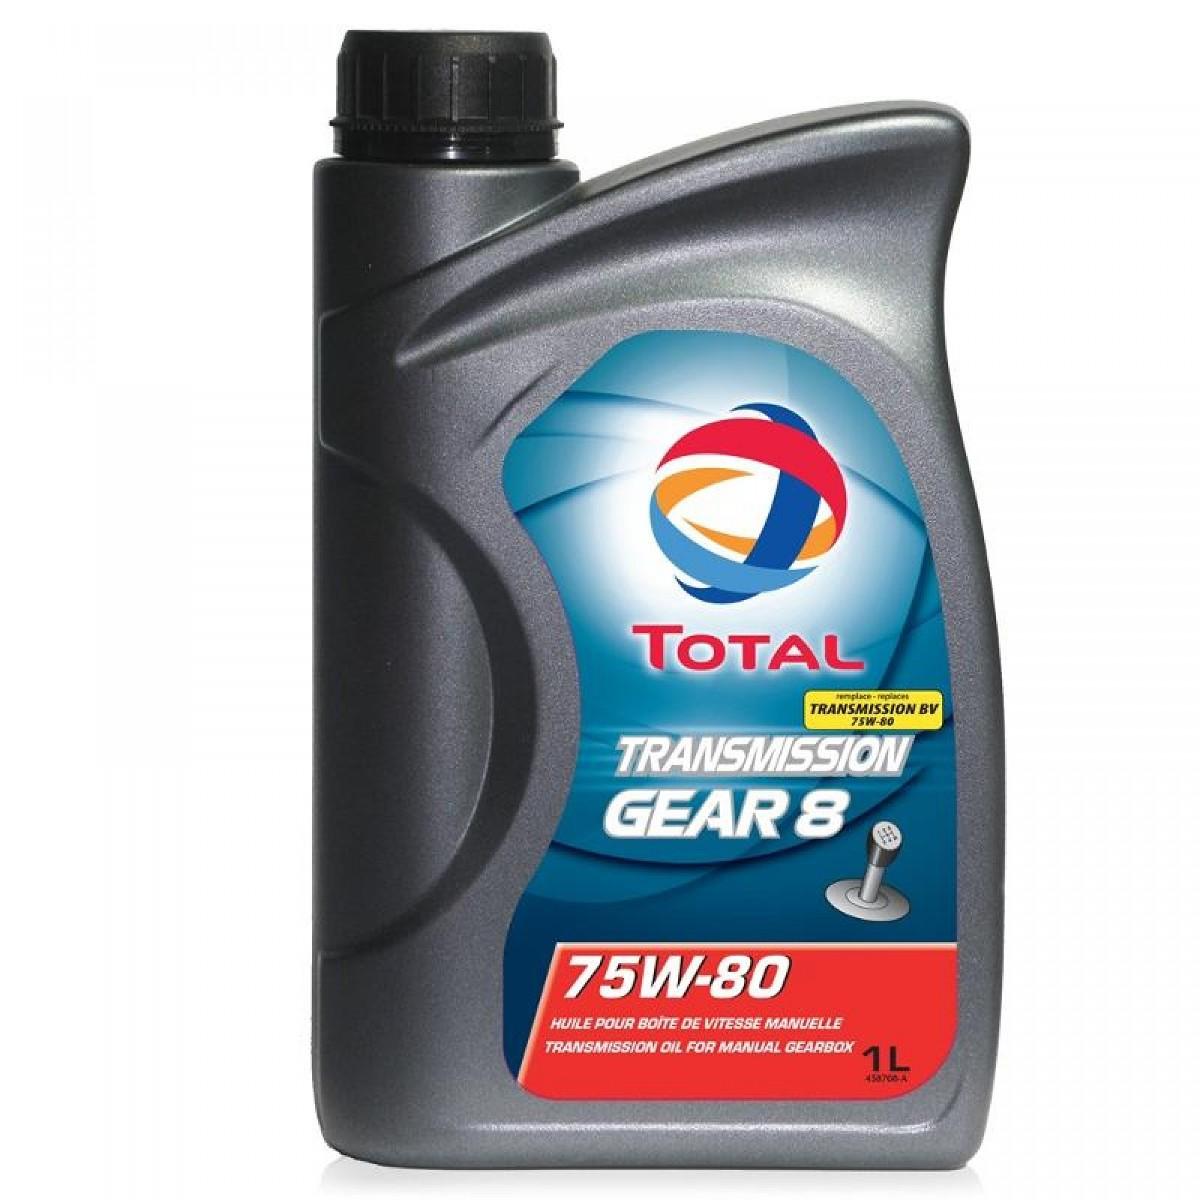 Трансмиссионное масло Total Transmission Gear 8 75W80, 1 л531-125TOTAL TRANSMISSION GEAR 8 75W80 (TOTAL TRANSMISSION BV 75W80) Преимущества Всесезонное трансмиссионное масло с хорошей текучестью. Высокий индекс вязкости обеспечивает хорошее смазывание. Улучшенная термостабильность. Прекрасная текучесть при низких температурах облегчает работу узлов в холодное время и позволяет экономить топливо. Высокая стойкость к выдавливанию. Стабильность свойств при эксплуатации. Отличные противоизносные и антикоррозионные свойства. Легкое переключение передач, как при низких, так и при высоких температурах. Рекомендации по применению TOTAL Transmission Gear 8 75W80 специально разработано для применения в механических коробках передач легковых автомобилей. Одобрения: PSA PEUGEOT CITROEN B71 2330